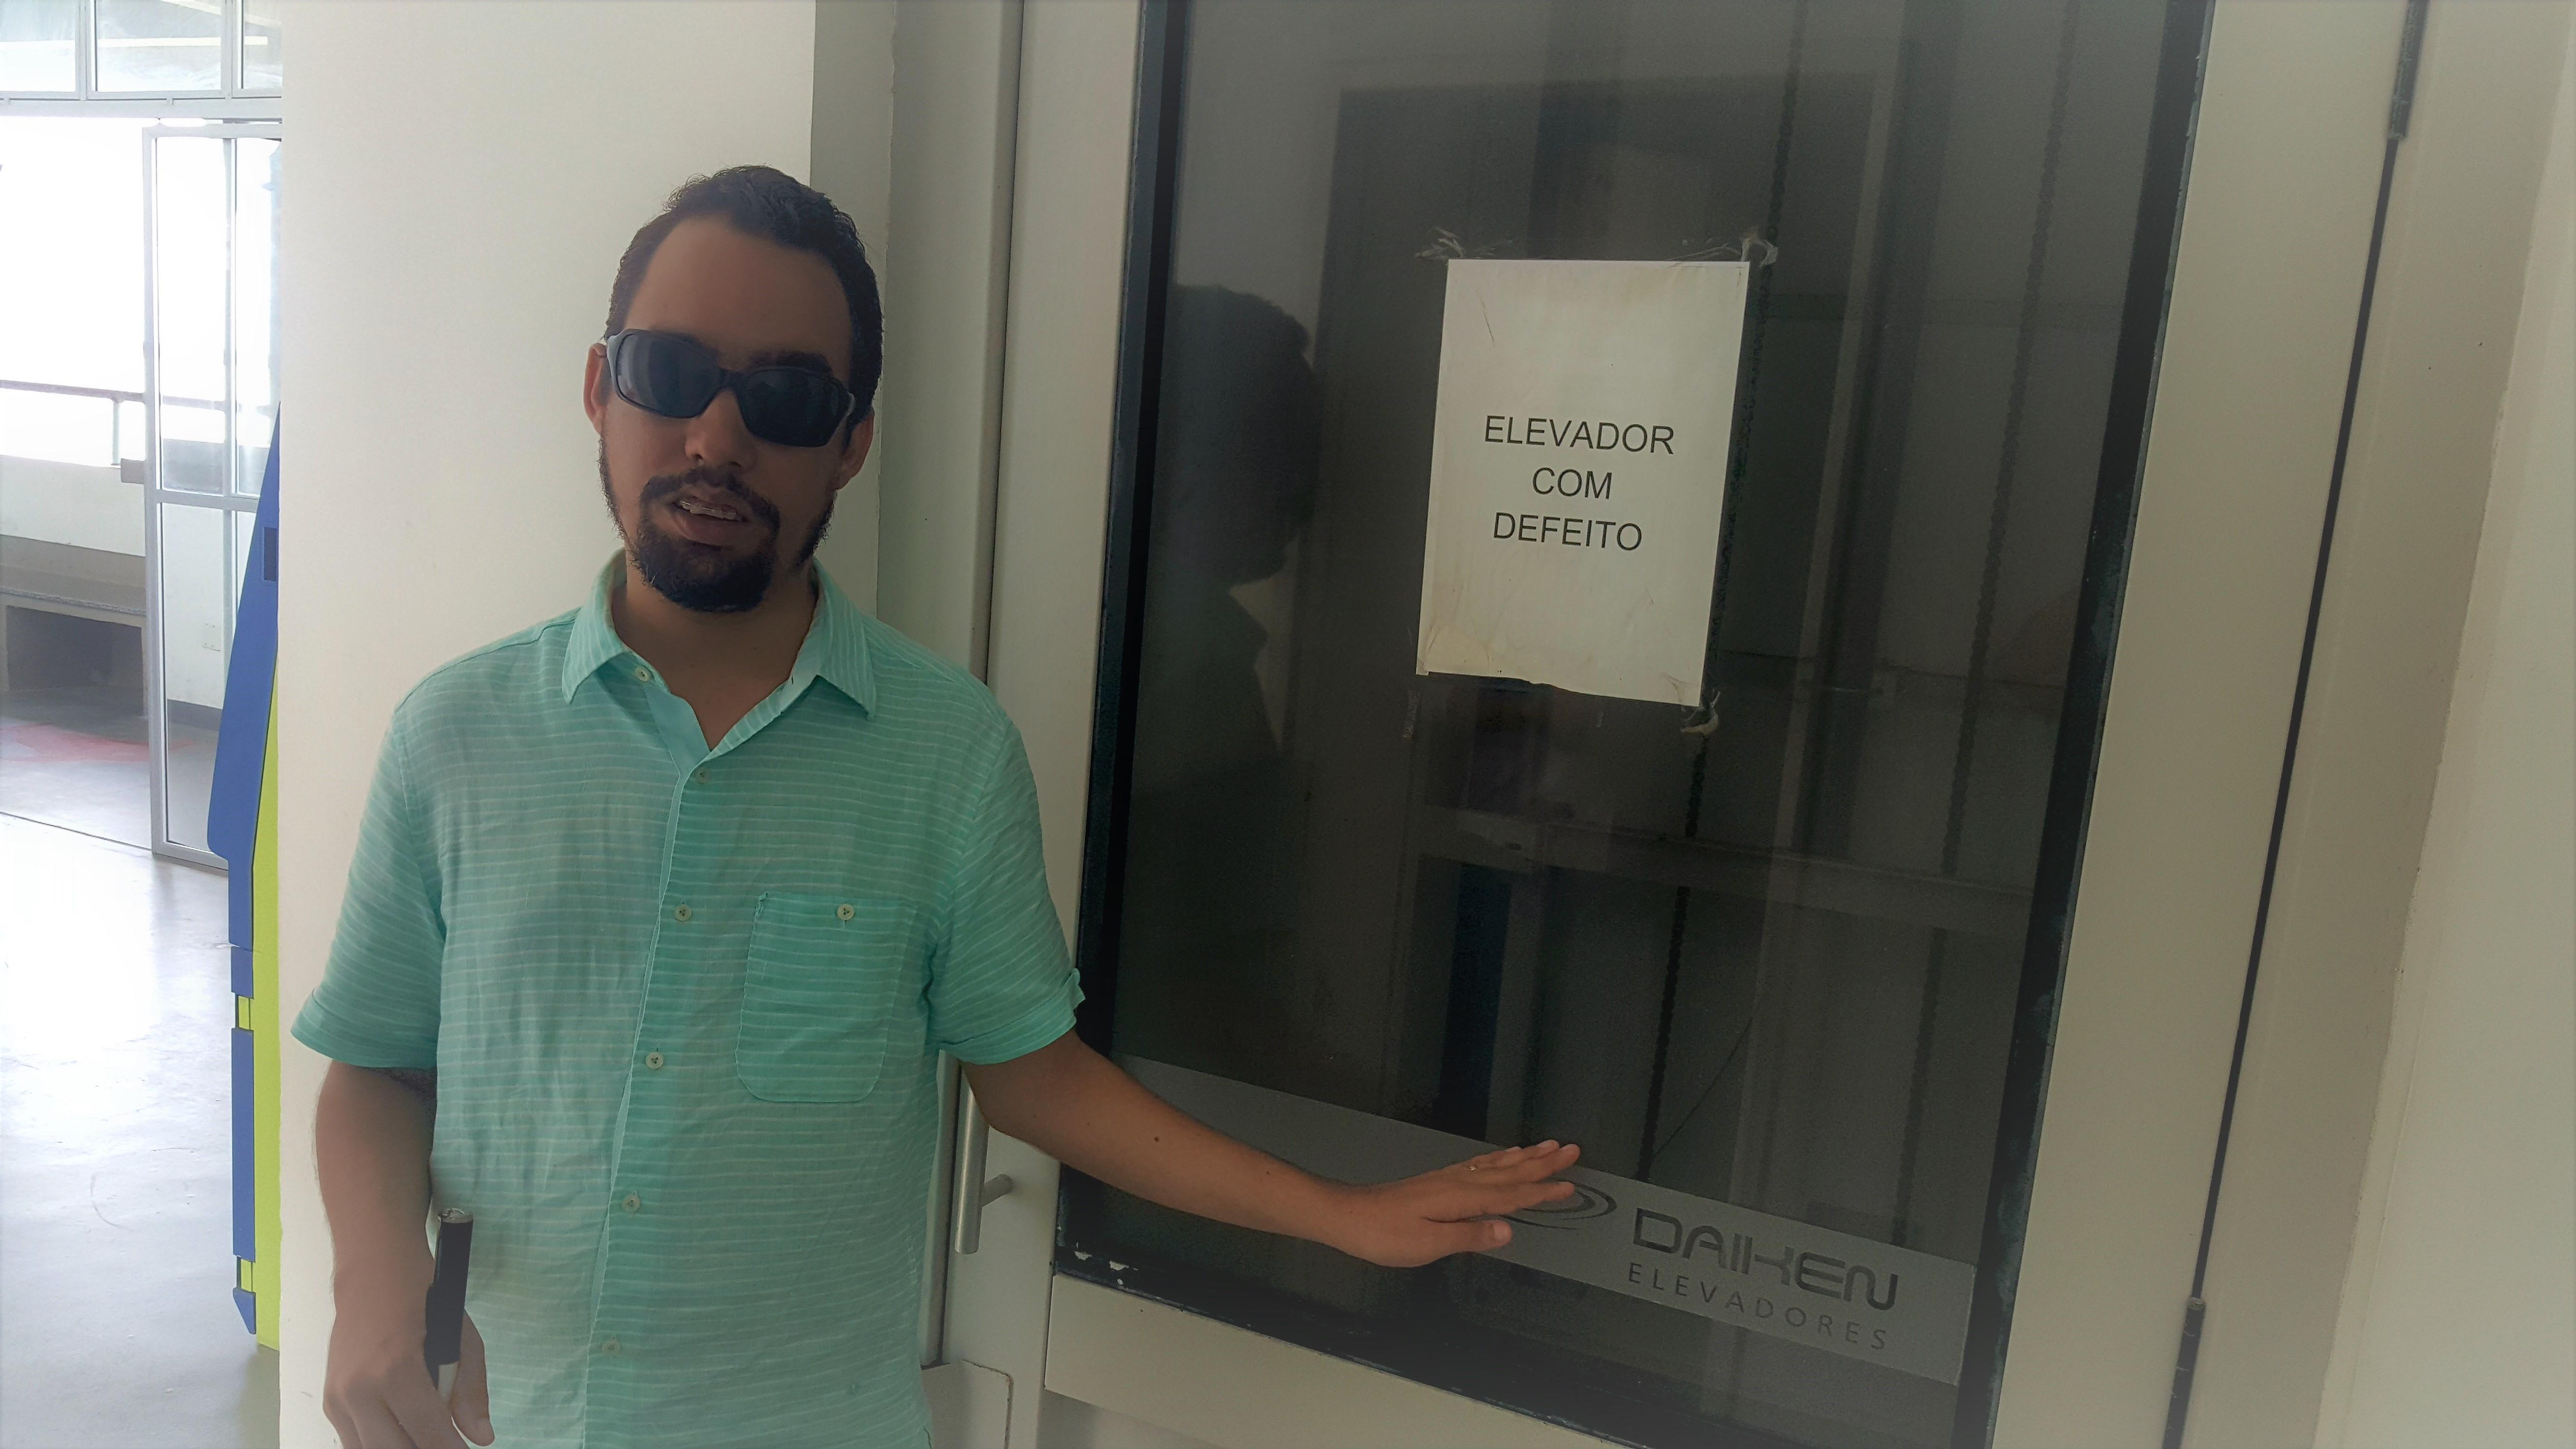 O vereador Lucas esté de pé mostrando o elevador com defeito